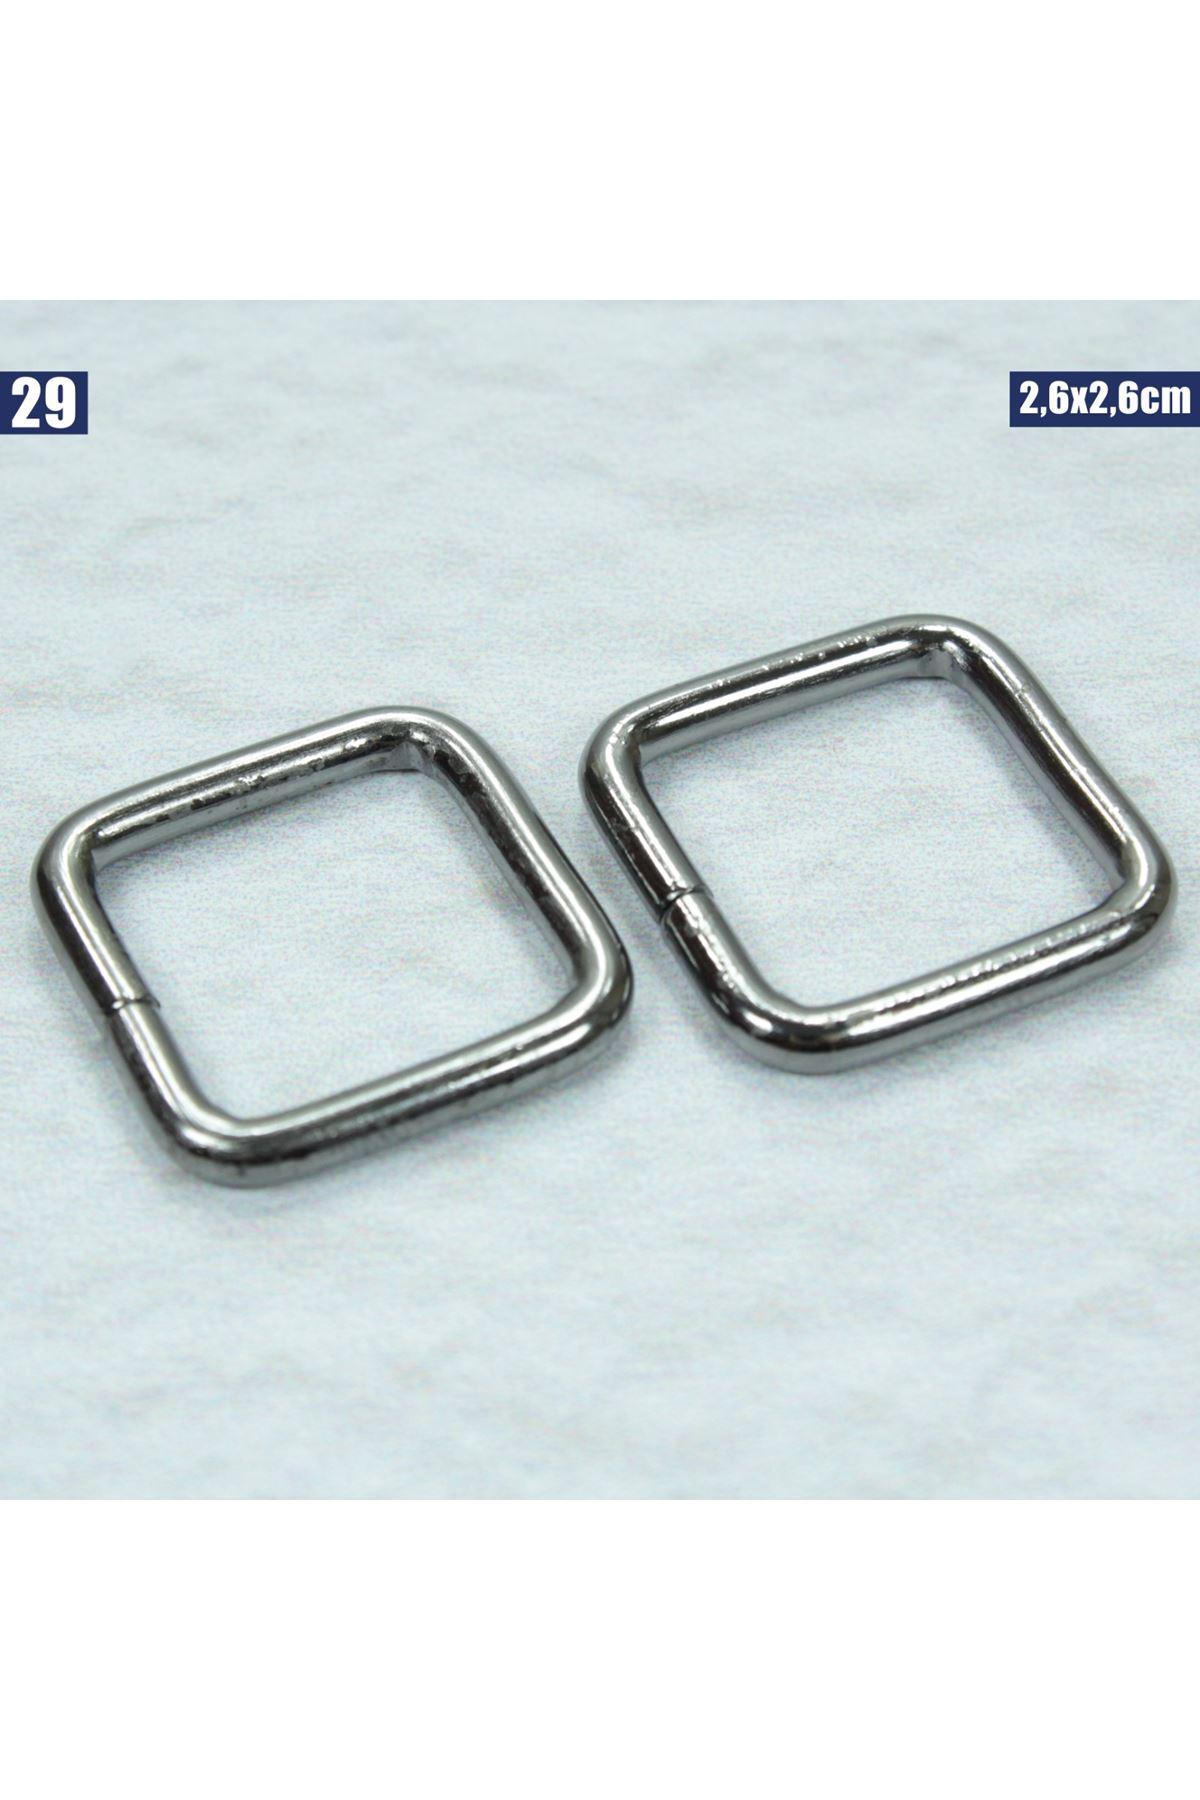 Metal Çanta Halkası 29